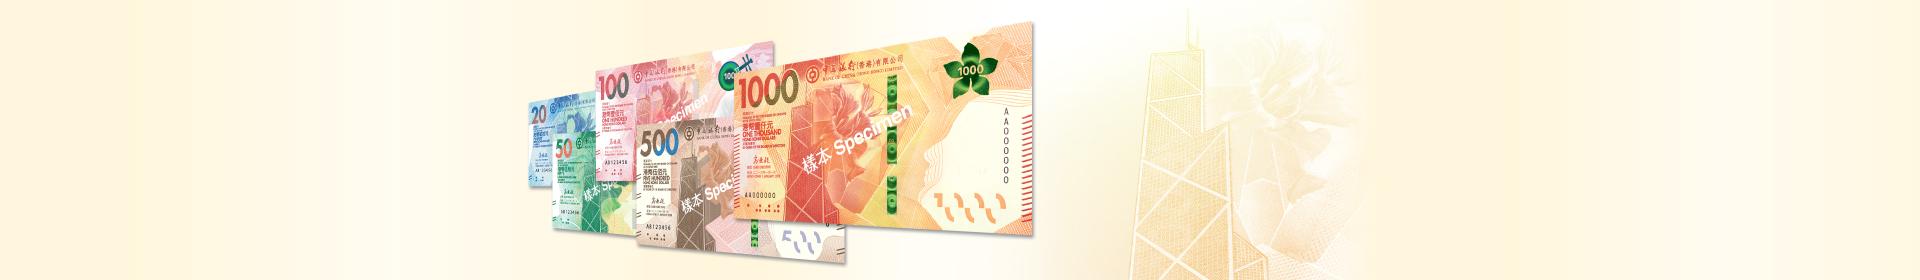 China Construction Bank Note